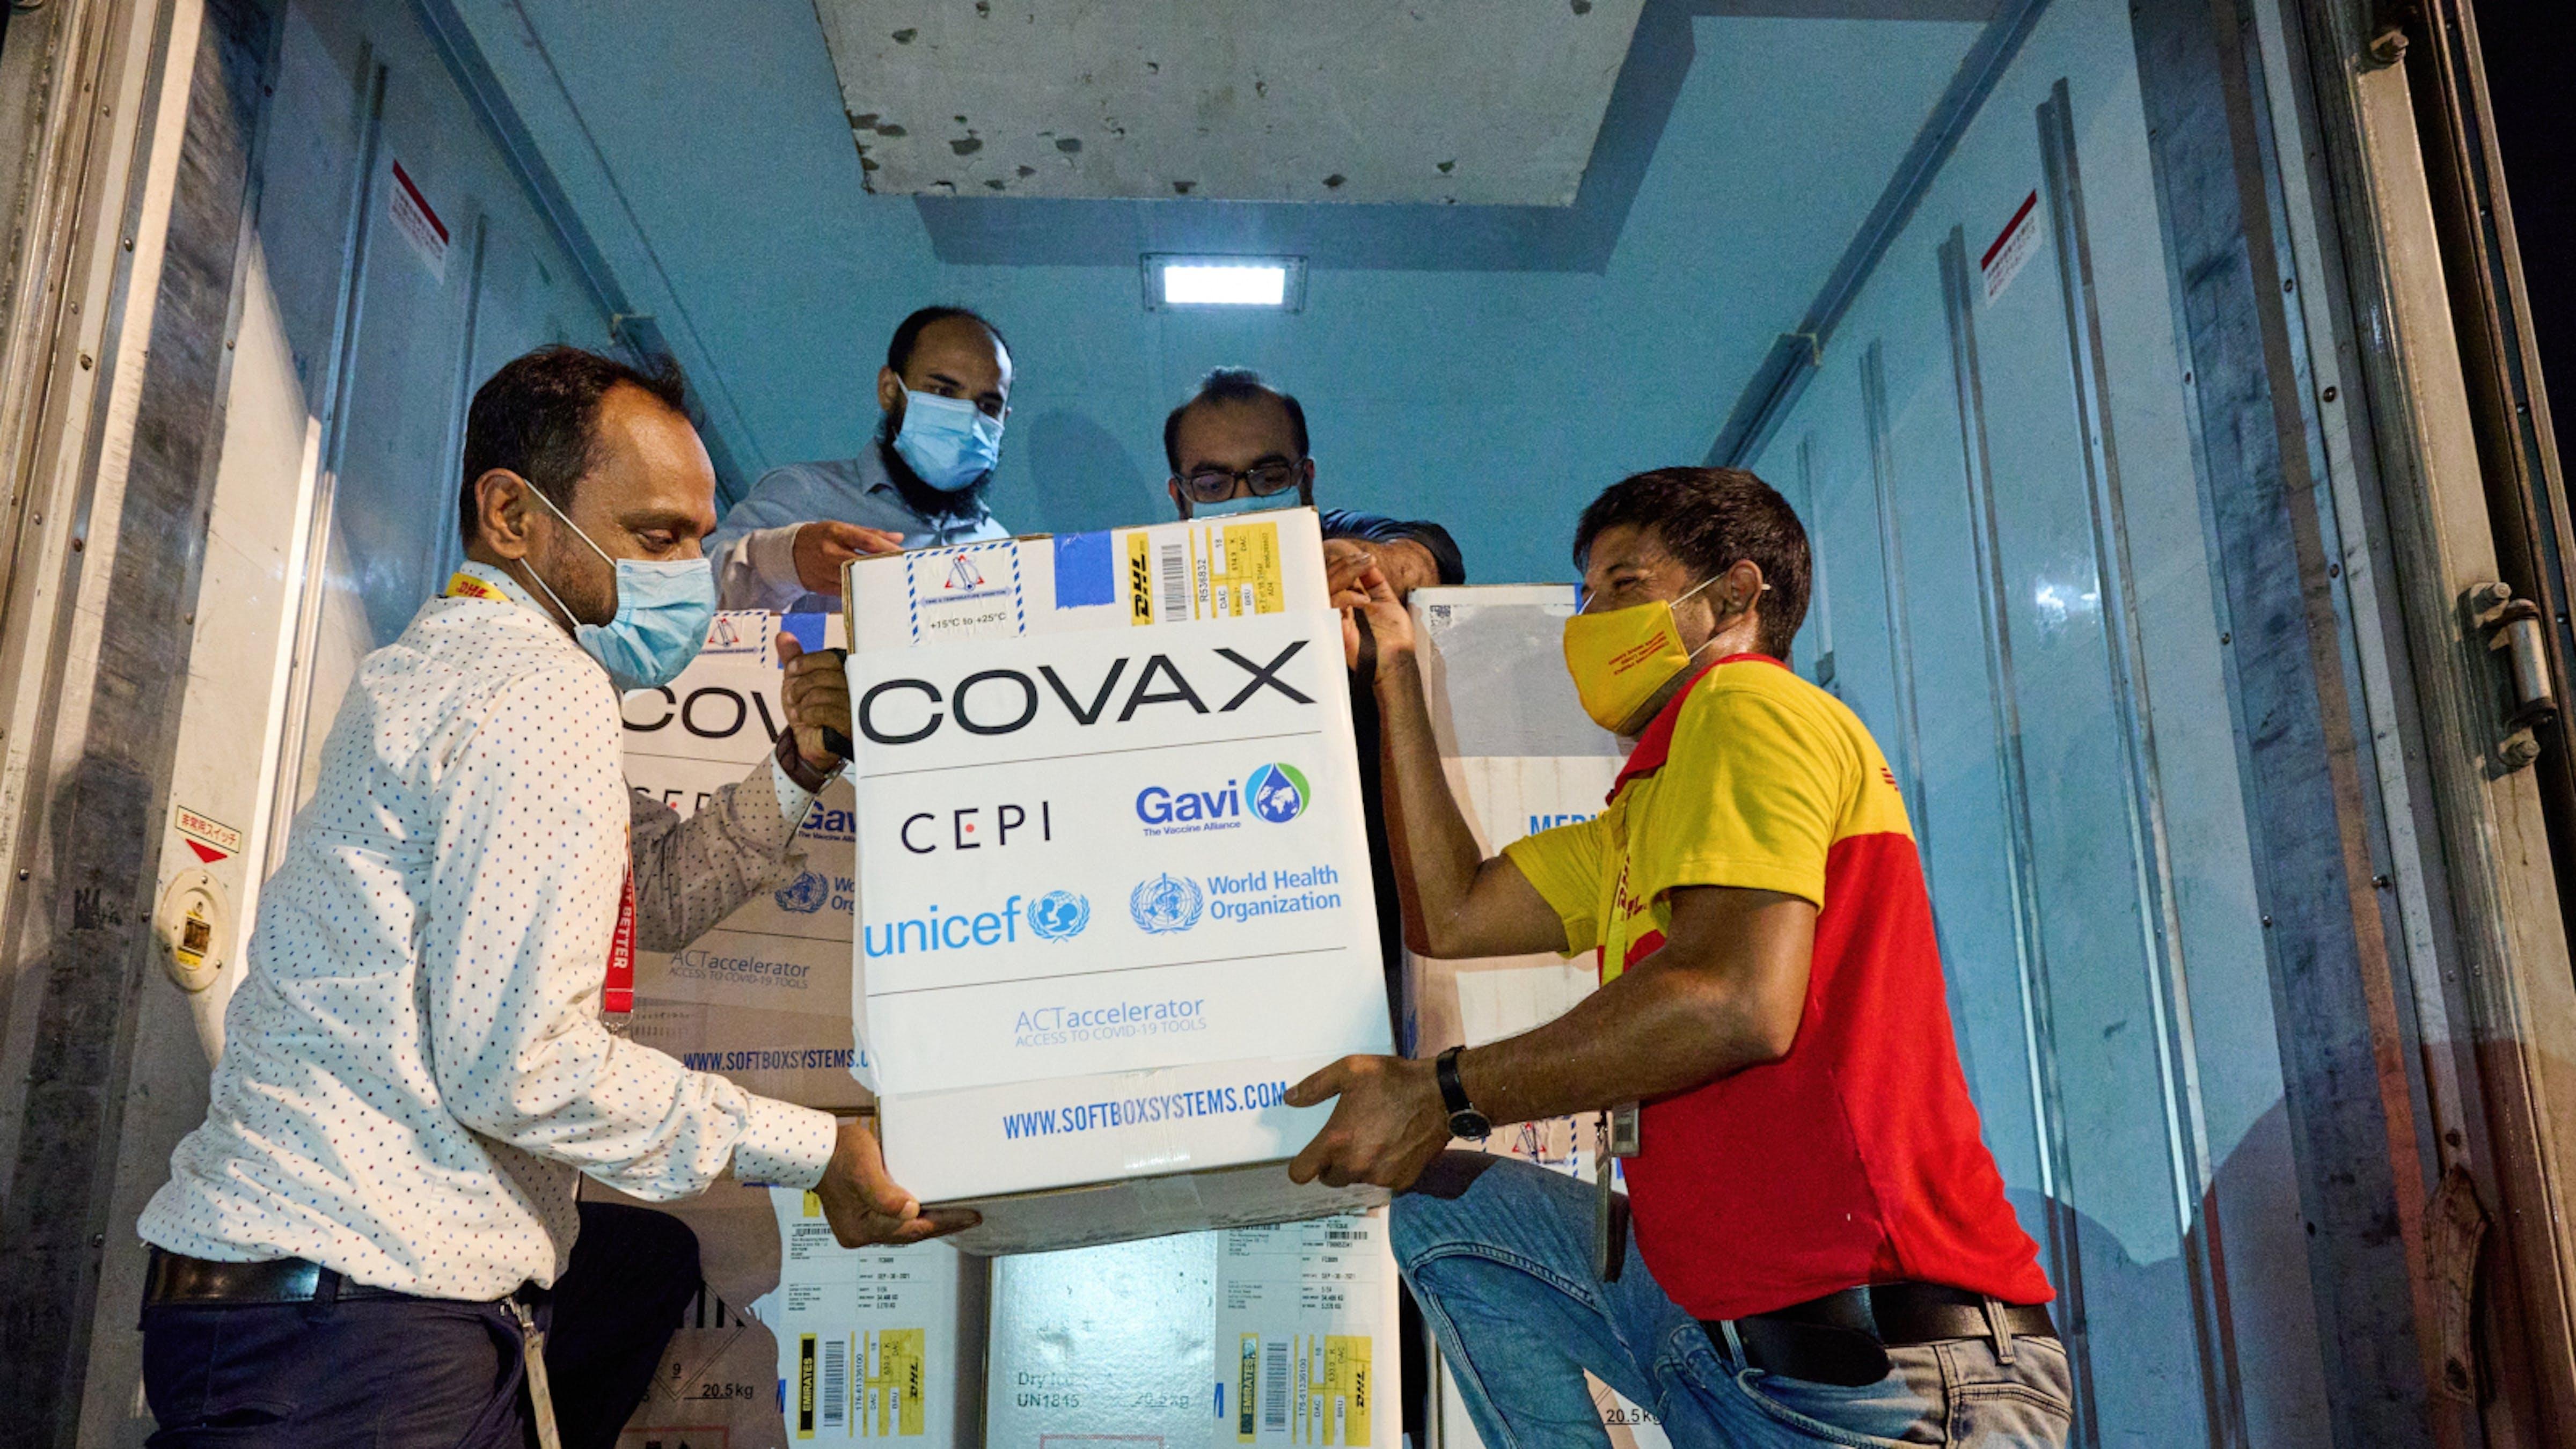 il Bangladesh riceve un carico di vaccini anti COVID-19 dall'iniziativa COVAX guidata da Gavi, CEPI, OMS e UNICEF